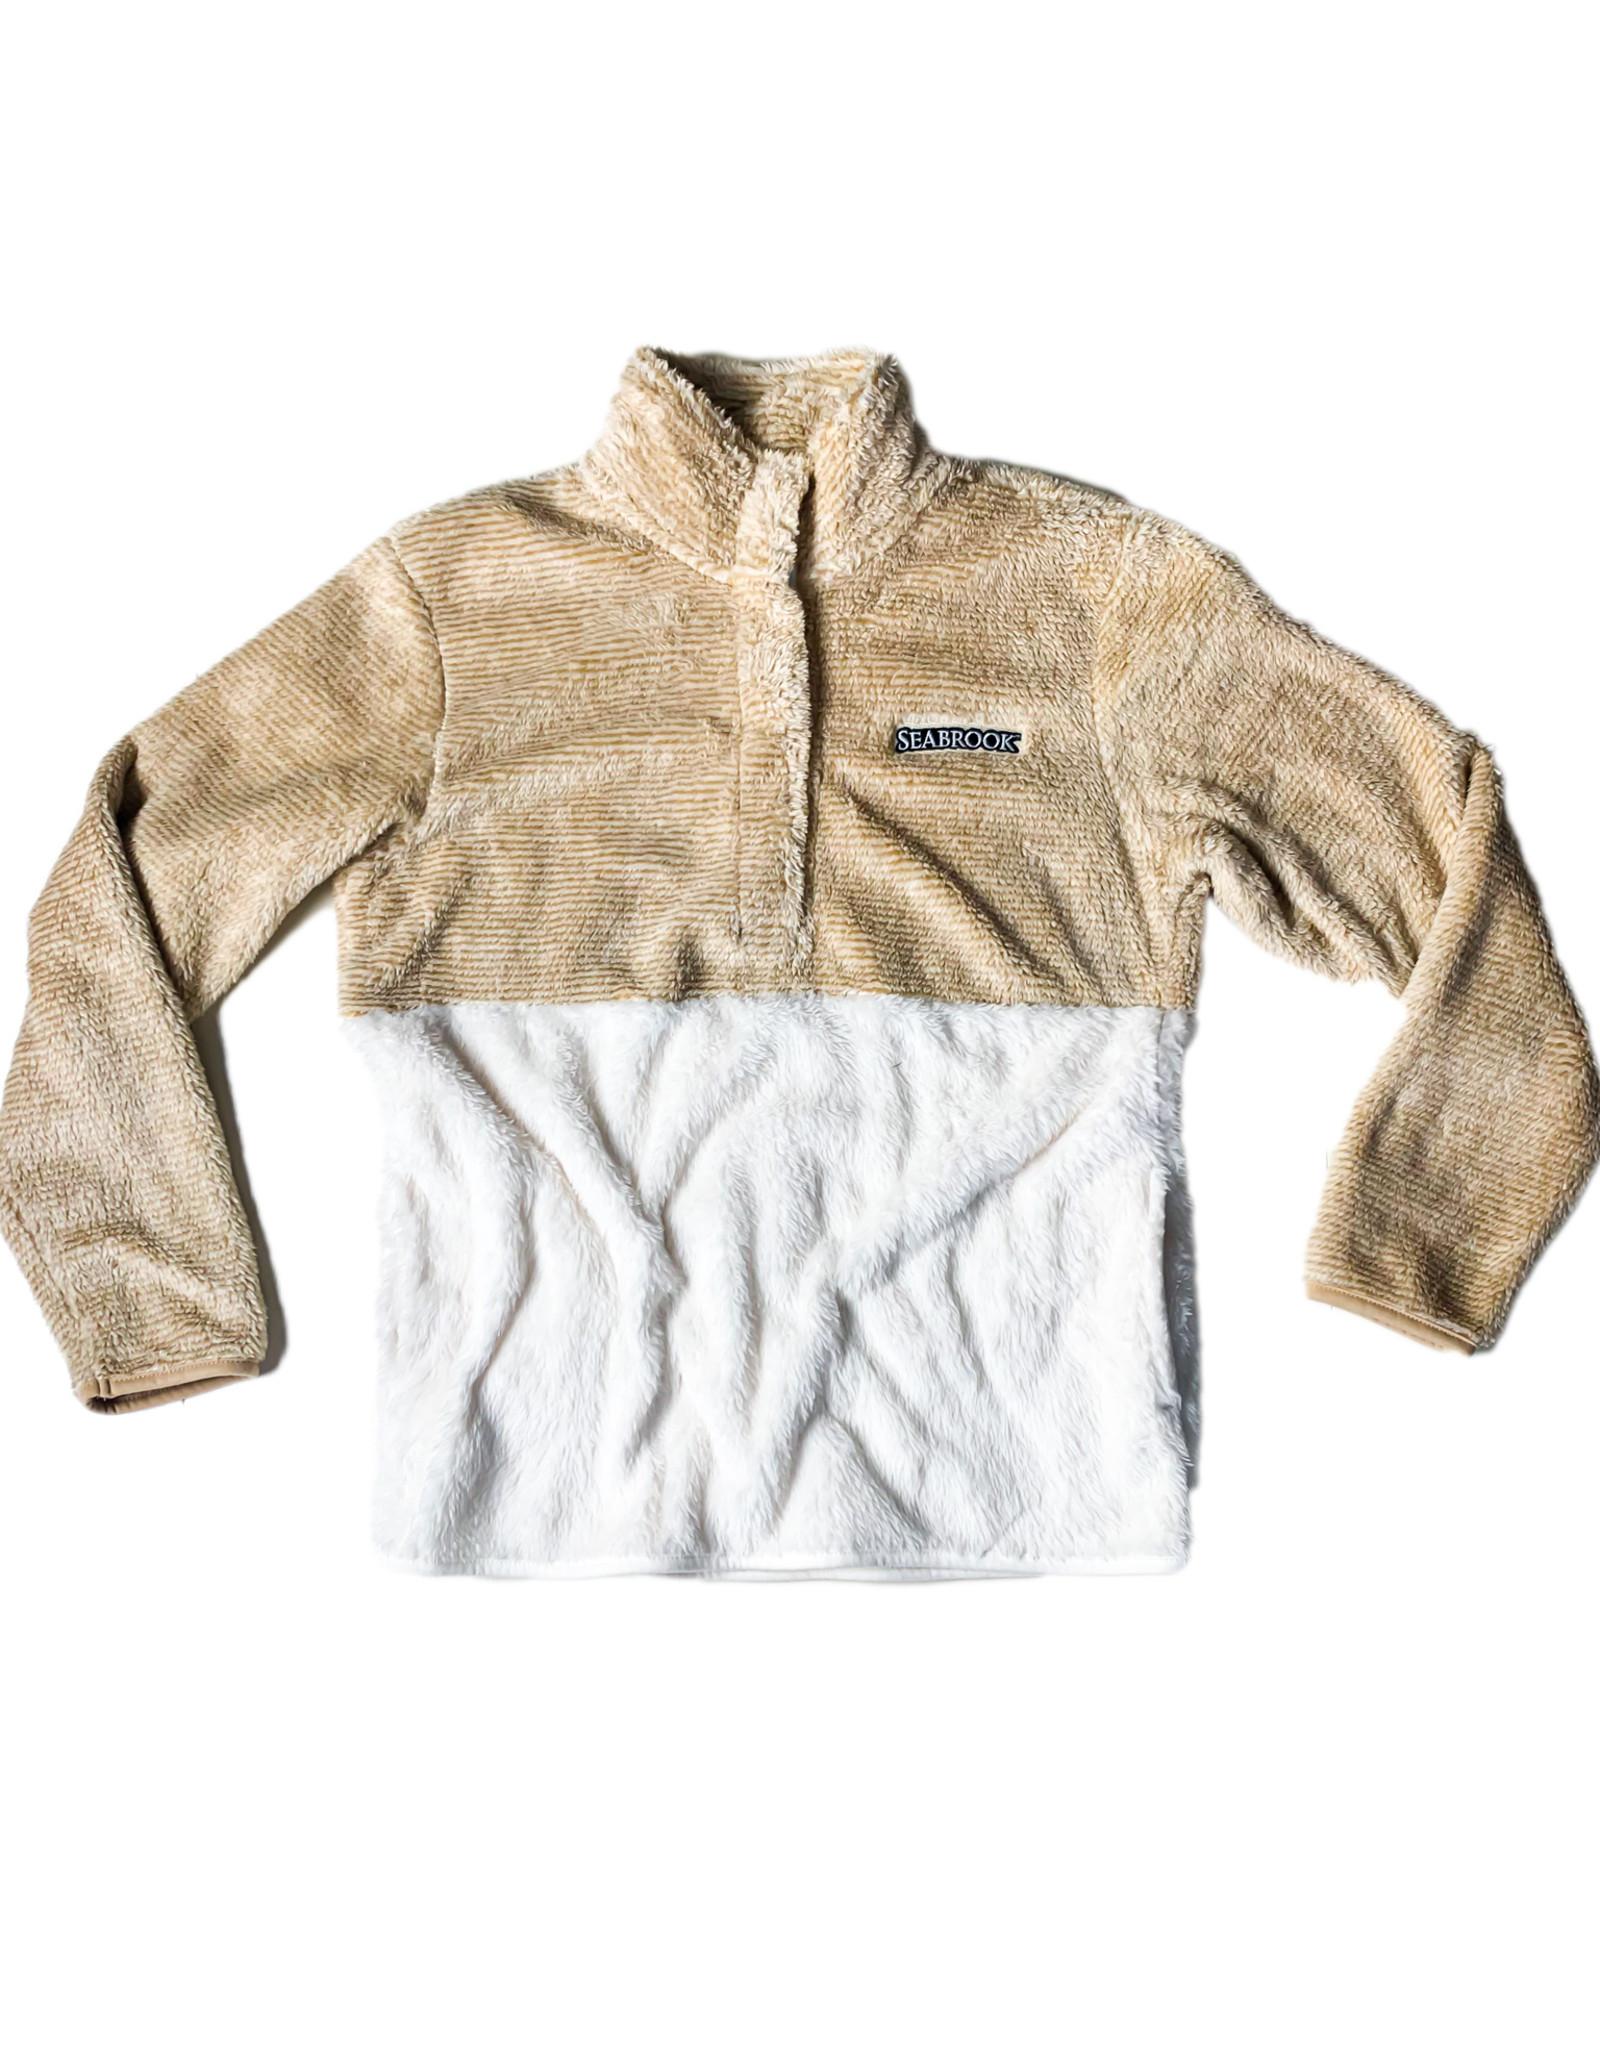 Boxercraft Fuzzy Fleece Pullover